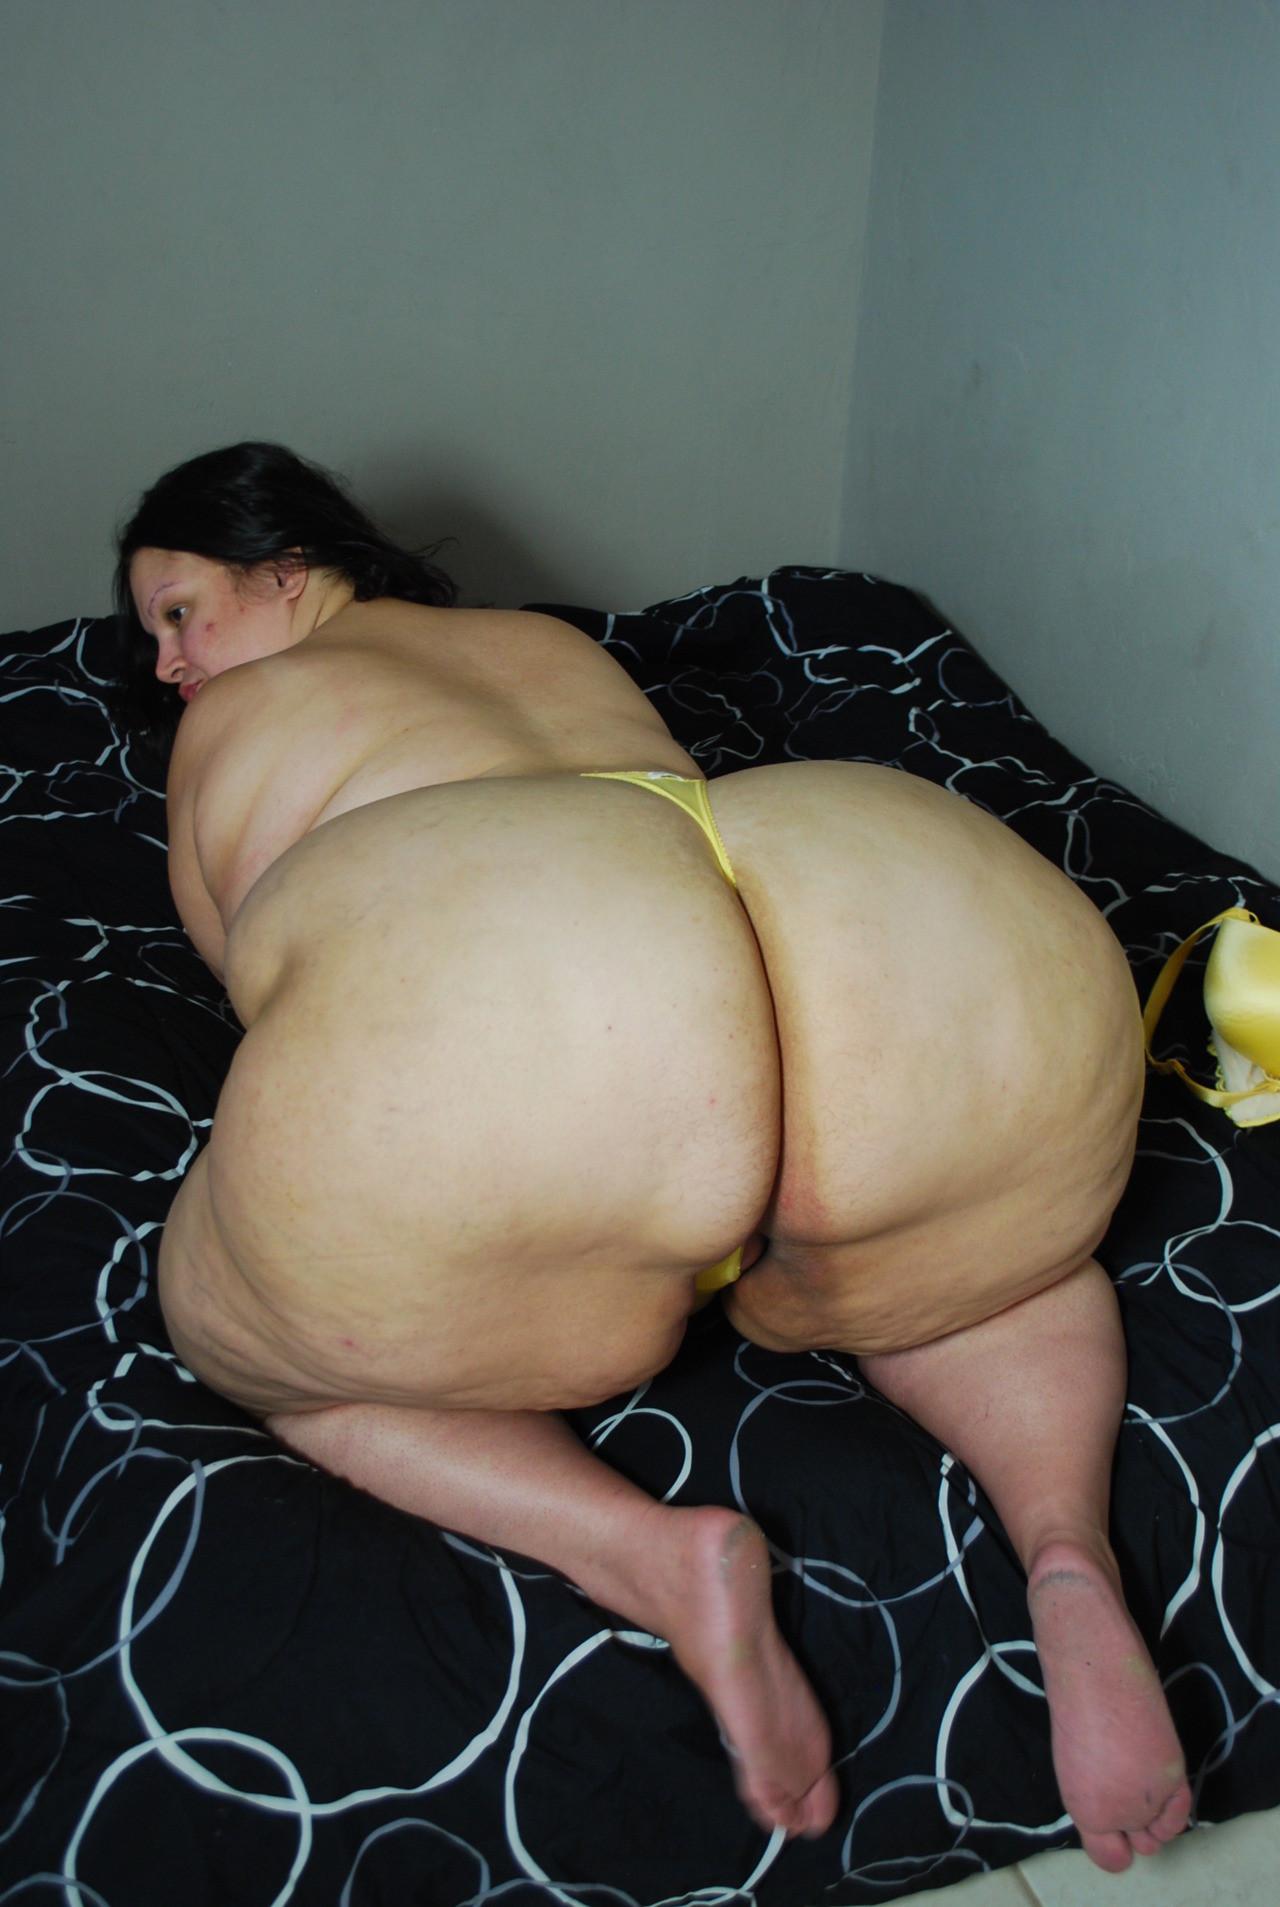 Chubby ass nude